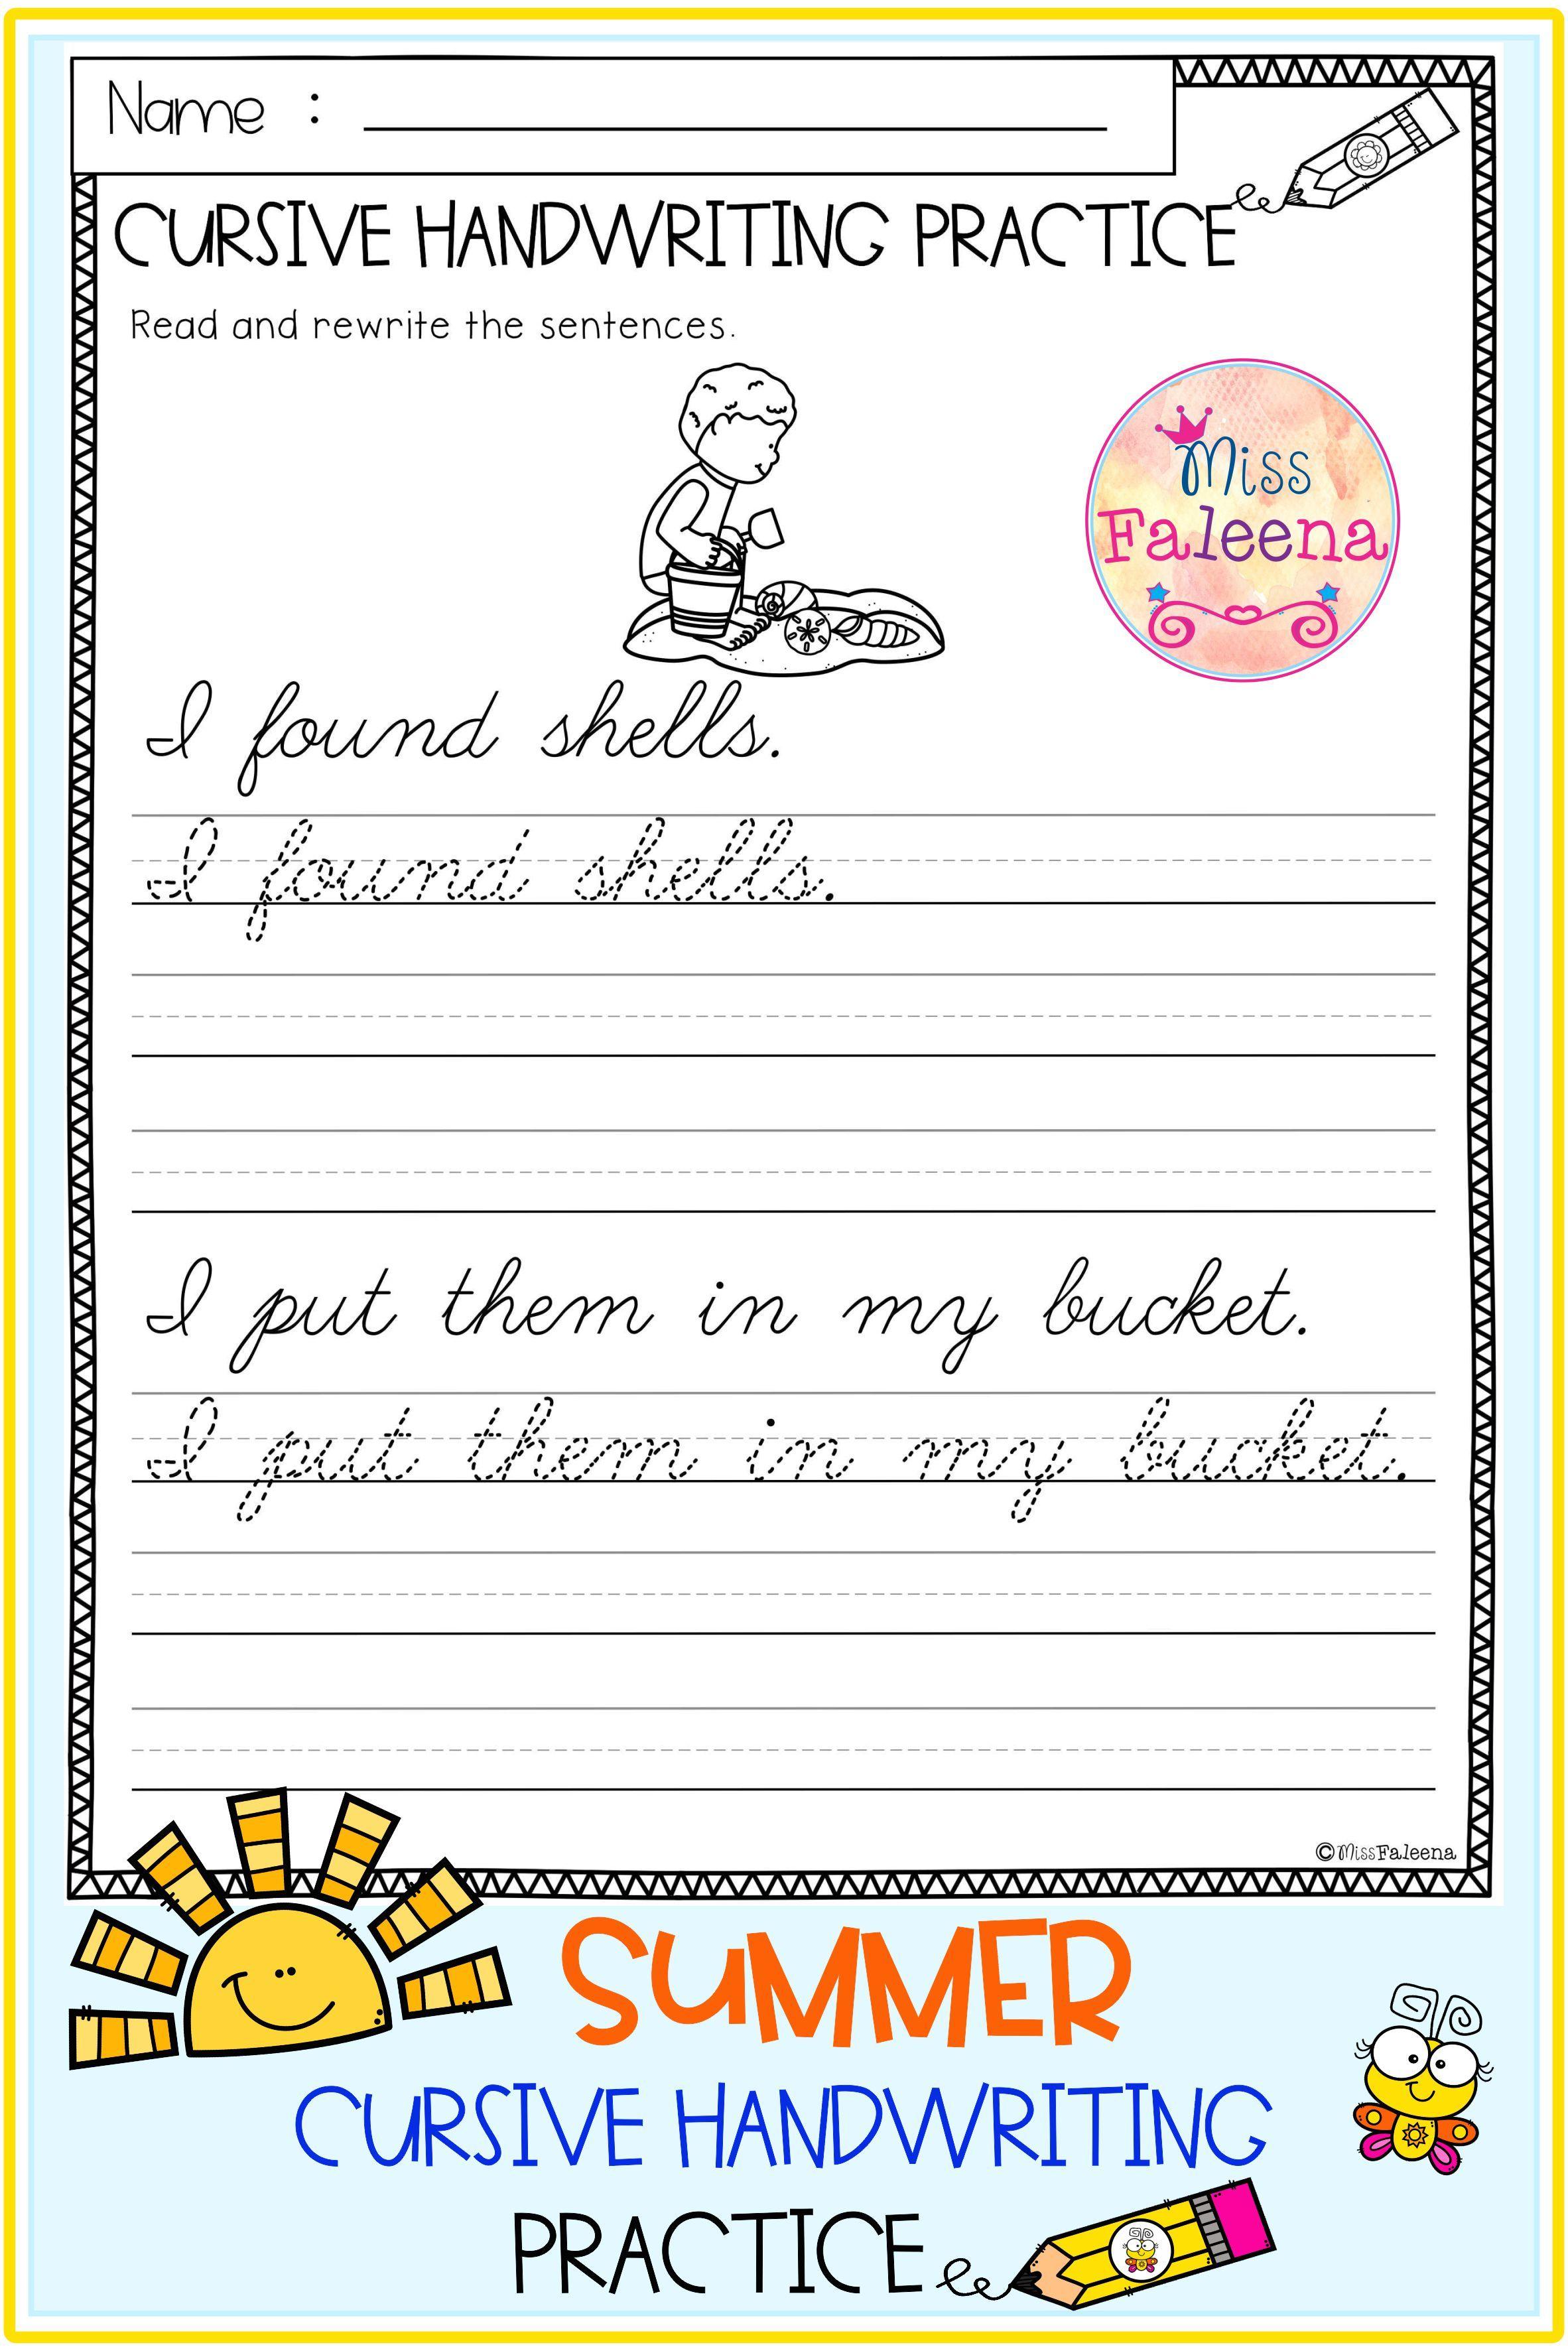 Summer Cursive Handwriting Practice Di